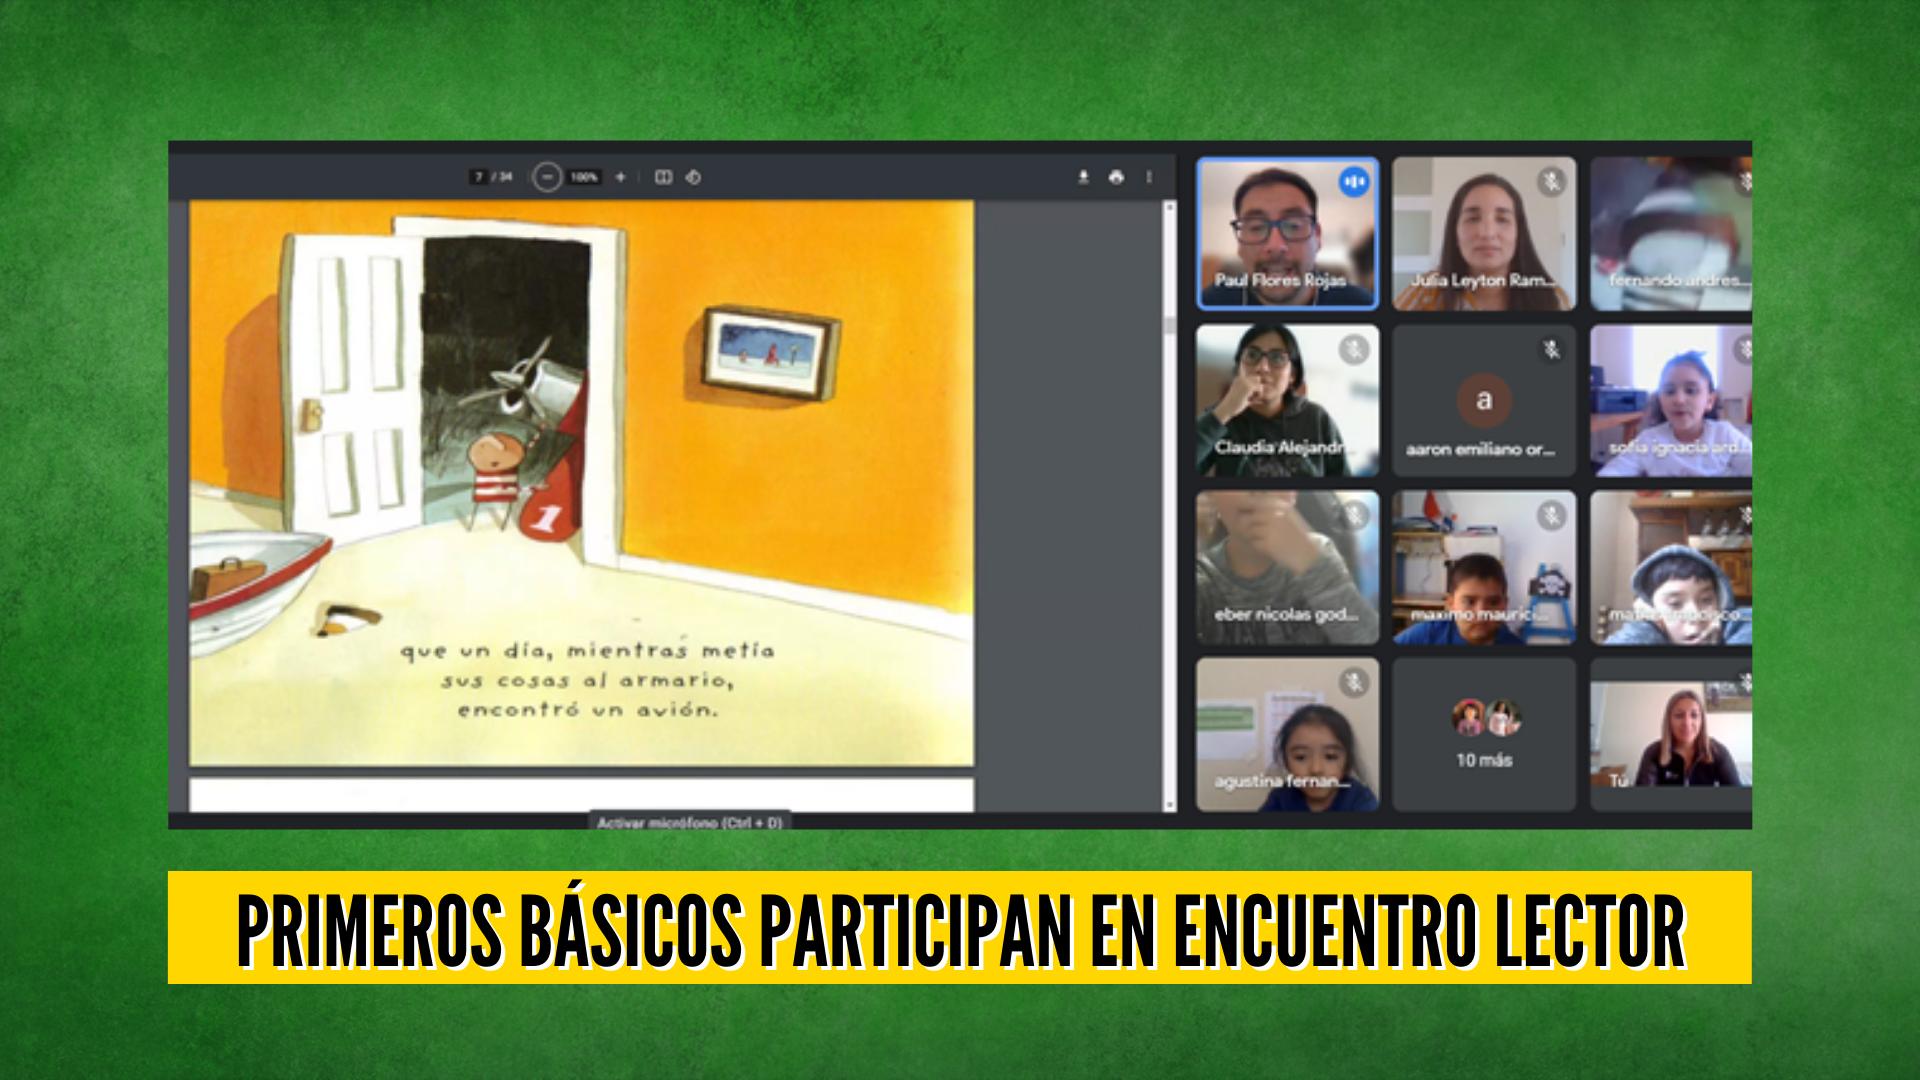 ESTUDIANTES DE PRIMEROS BÁSICOS PARTICIPAN EN ENCUENTRO LECTOR